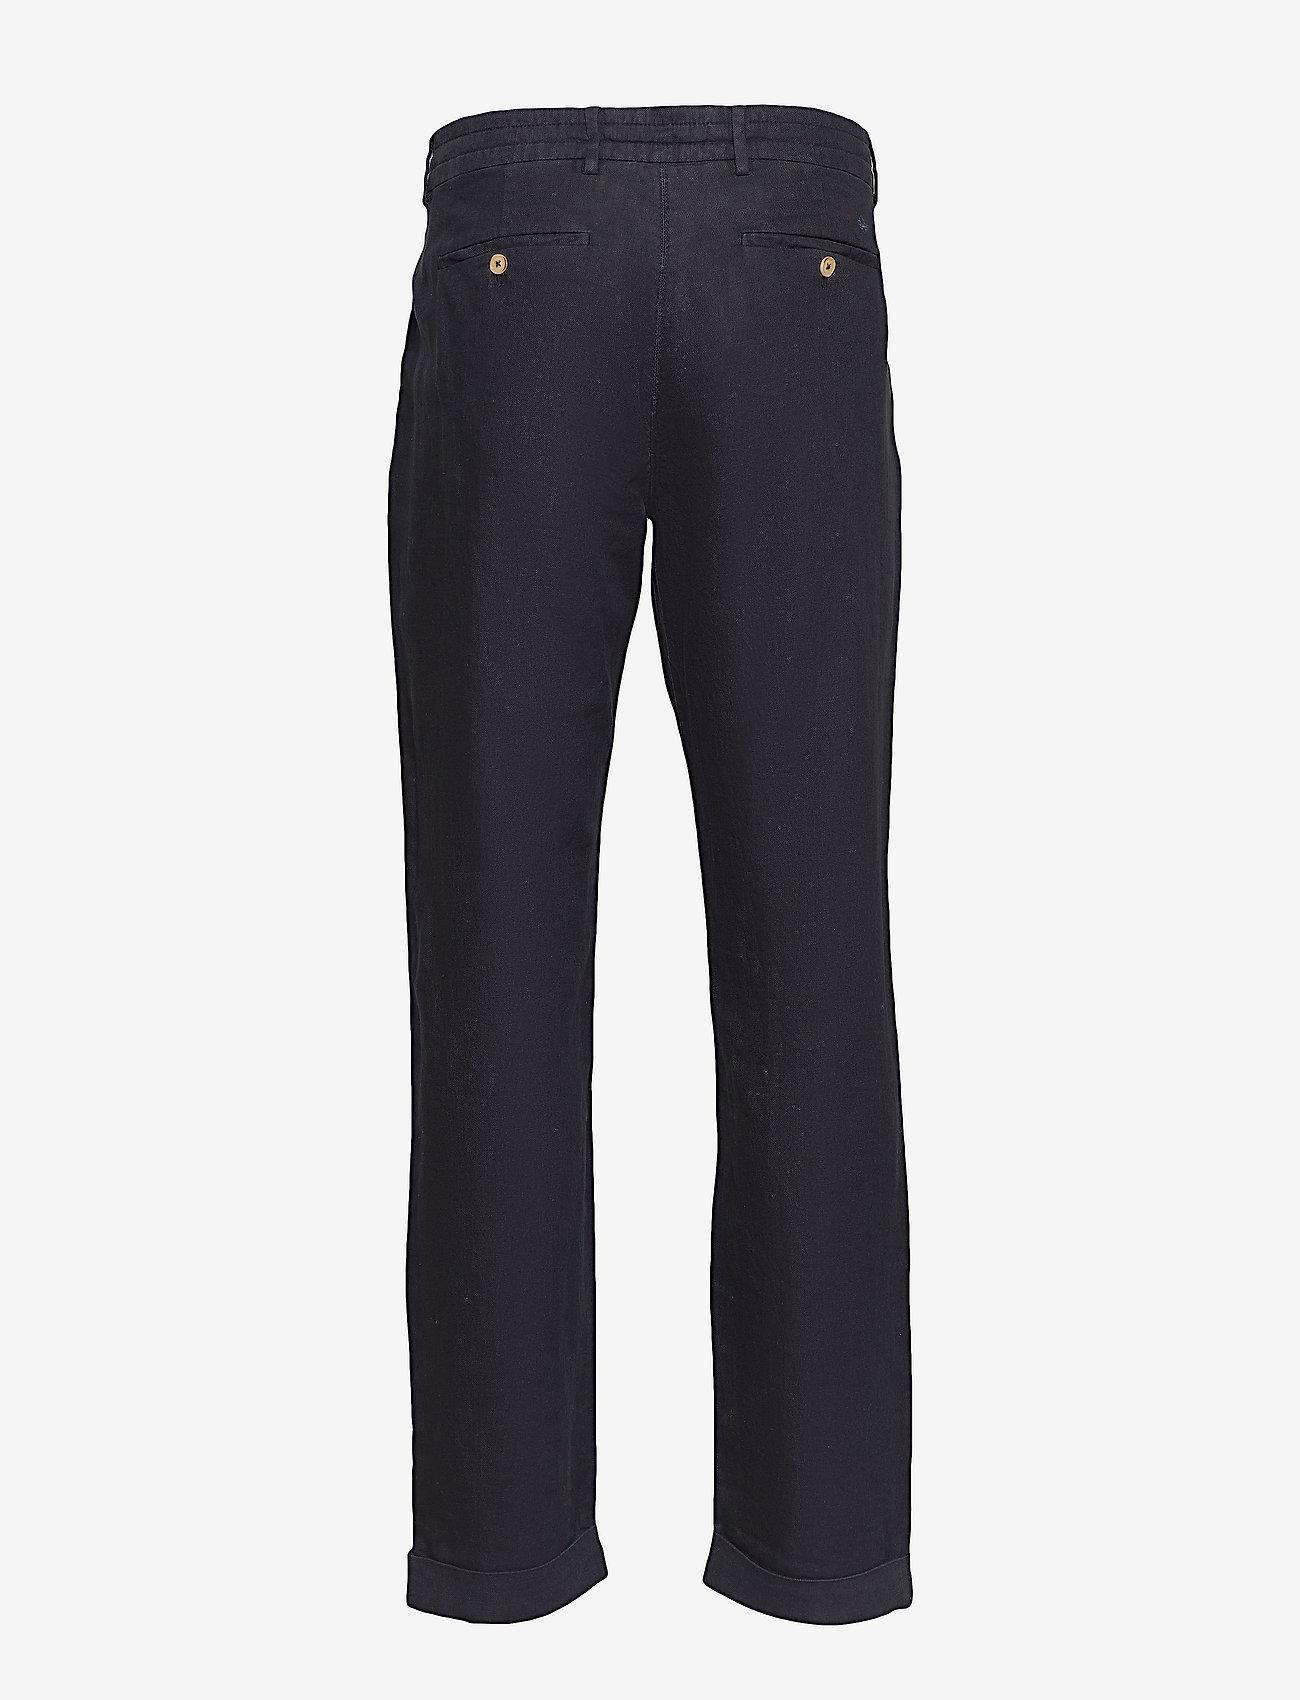 Morris - Winslow Slacks - spodnie na co dzień - blue - 1